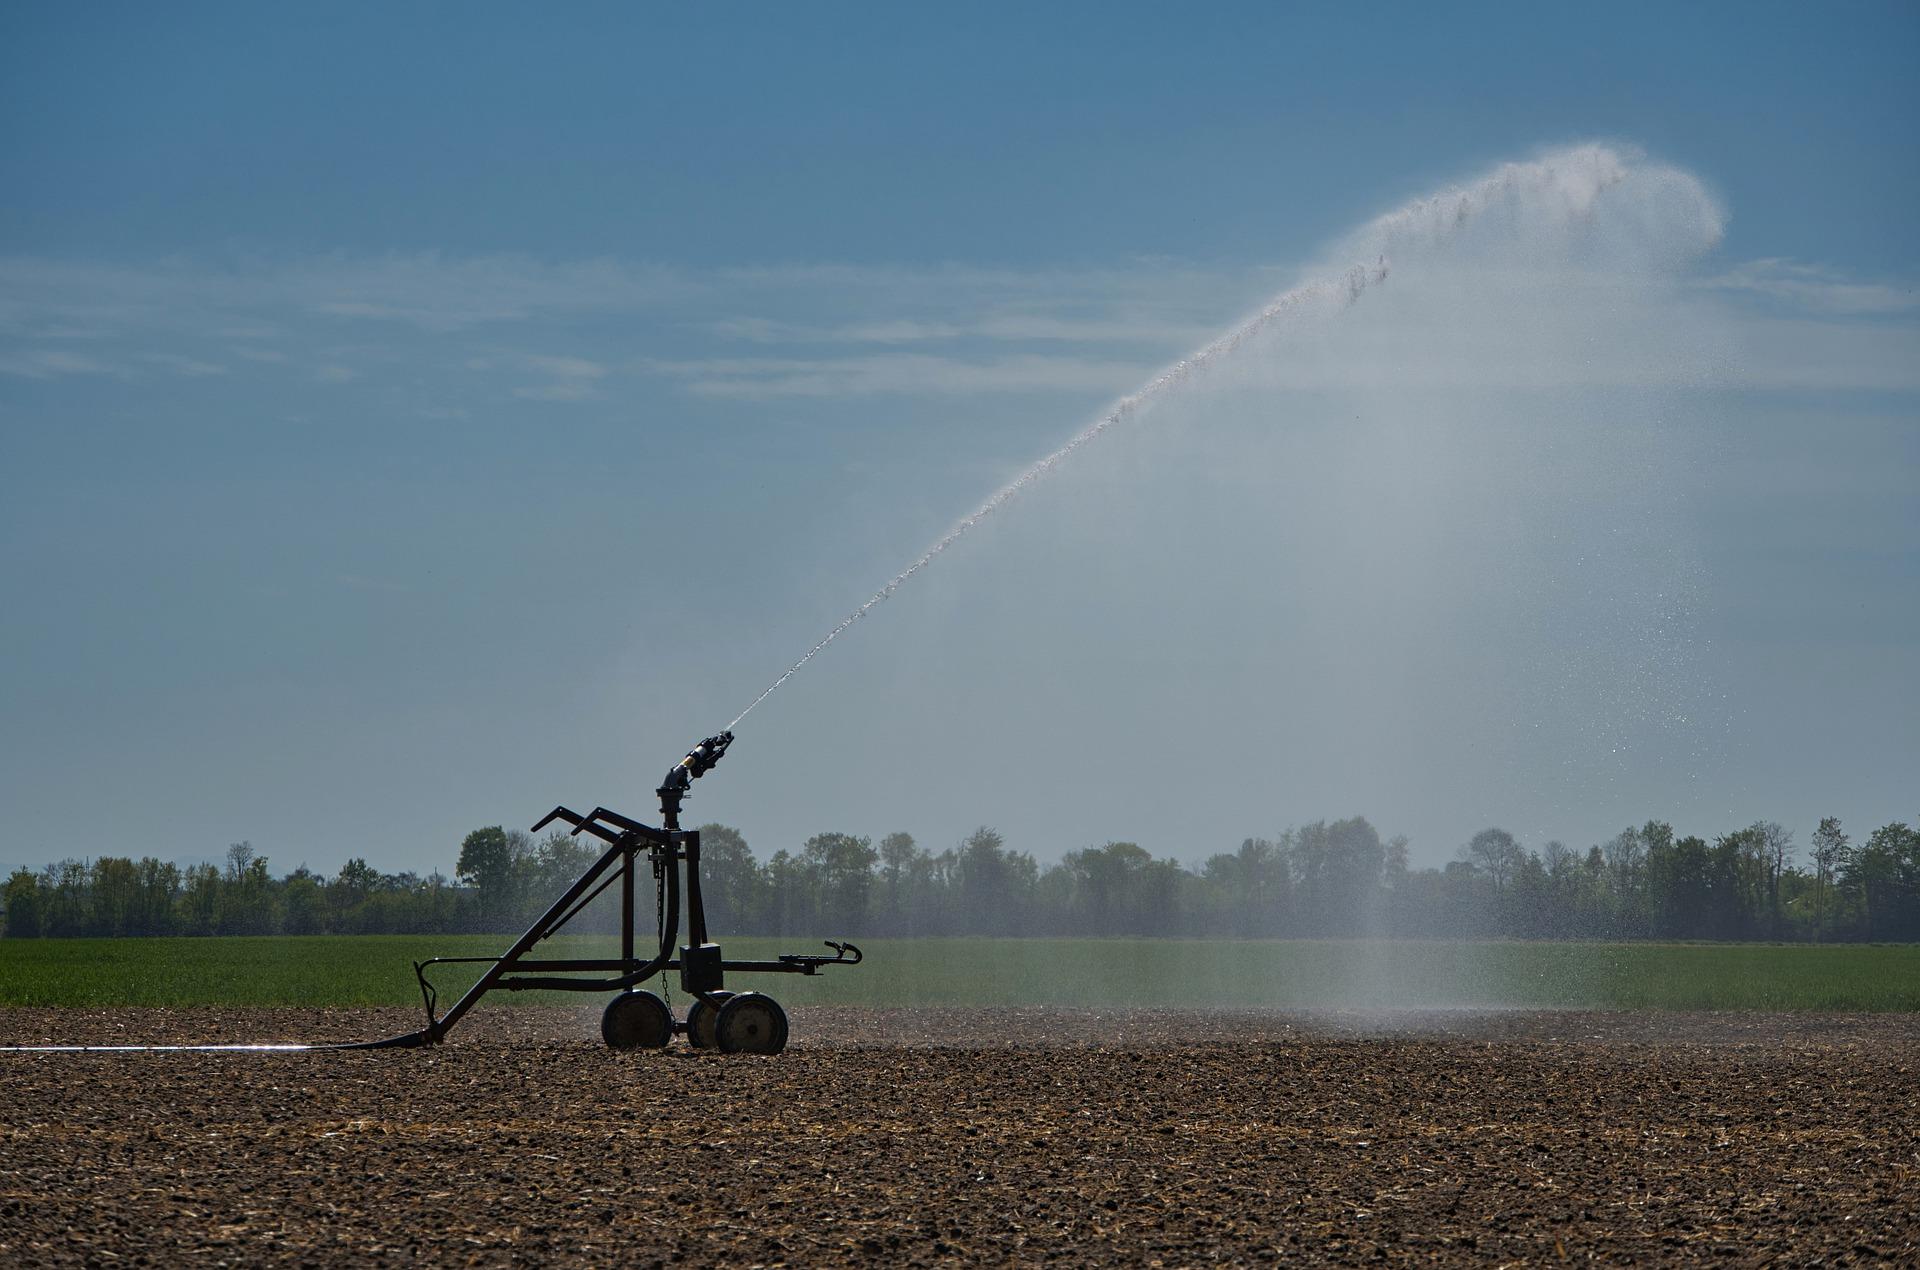 irrigation-5064925_1920